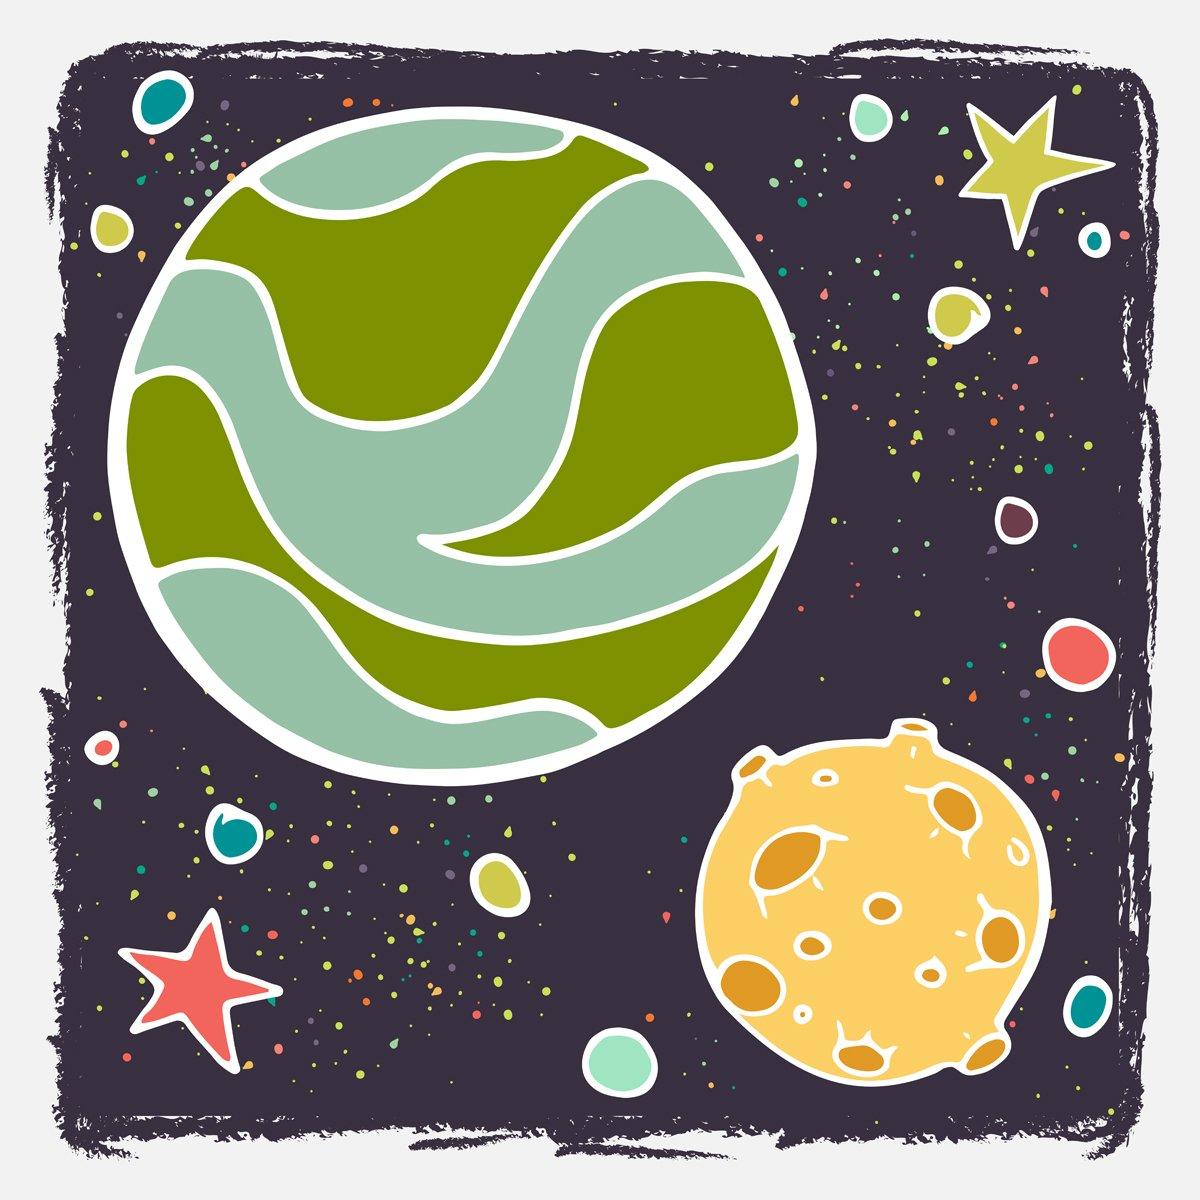 Постер Космос детям Рисованной мультфильм Планета, луна и звезды.Космос детям<br>Постер на холсте или бумаге. Любого нужного вам размера. В раме или без. Подвес в комплекте. Трехслойная надежная упаковка. Доставим в любую точку России. Вам осталось только повесить картину на стену!<br>